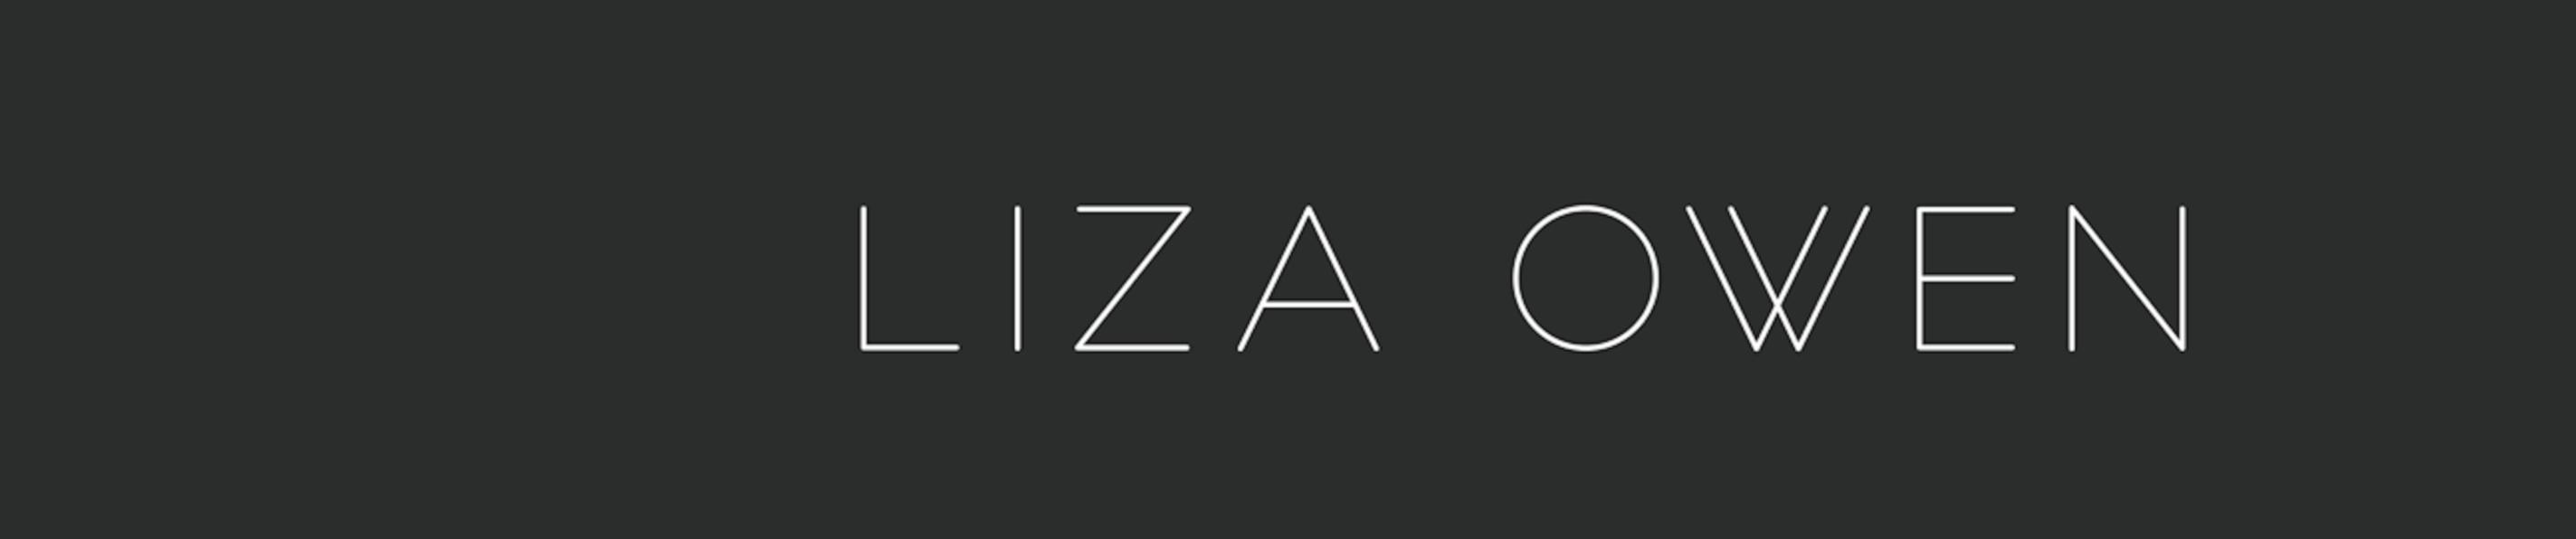 Liza Owen - Chandelier (Piano cover) by LIZA OWEN | Free Listening ...